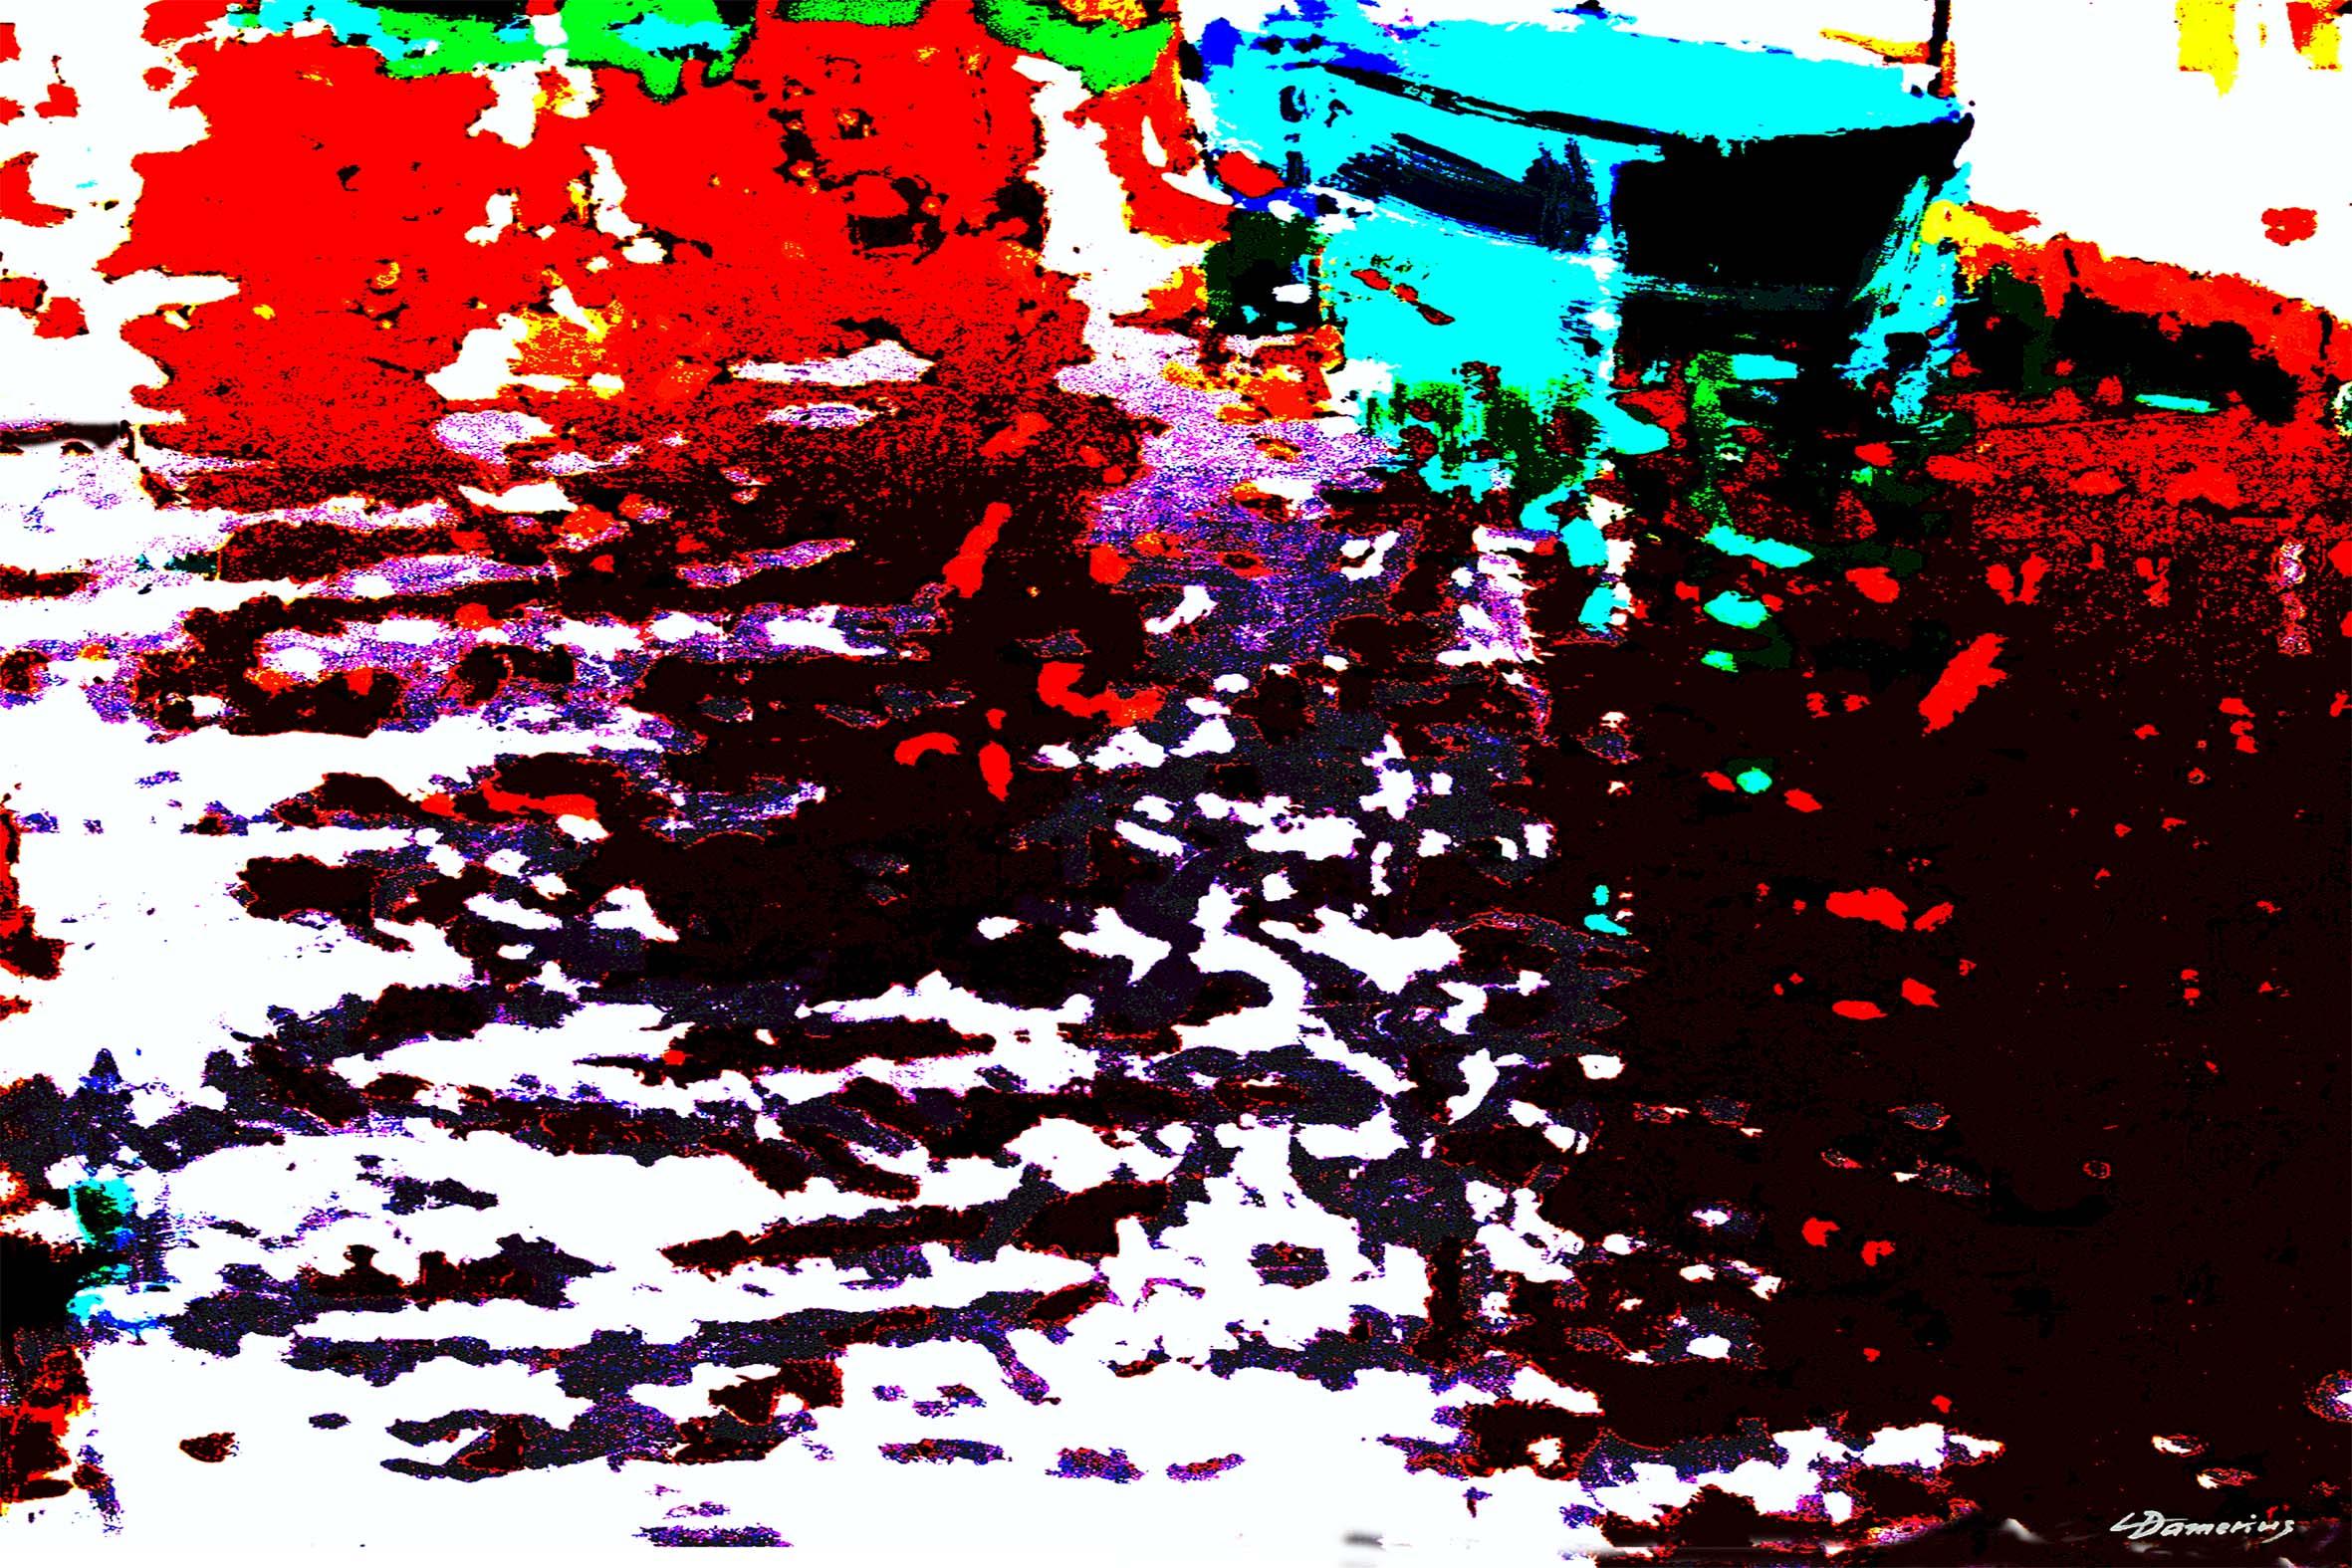 damerius,HAMBURG KAHN IM LICHT,hamburger büroausstatter,kunstdrucke hamburg motive,Wohnideen Wandgestaltung,Kunstdrucke Motive Hamburger Hafen kaufen,KAHN,KÄHNE,HAMBURGER HAFEN,Bilder für Büros,KUNSTDRUCKE,GALERIE HAMBURG,CHRISTIAN DAMERIUS